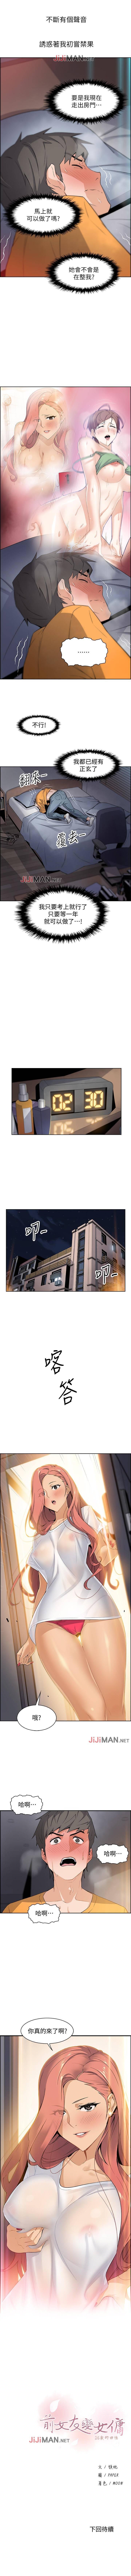 【周四连载】前女友变女佣(作者:PAPER&頸枕) 第1~33话 10